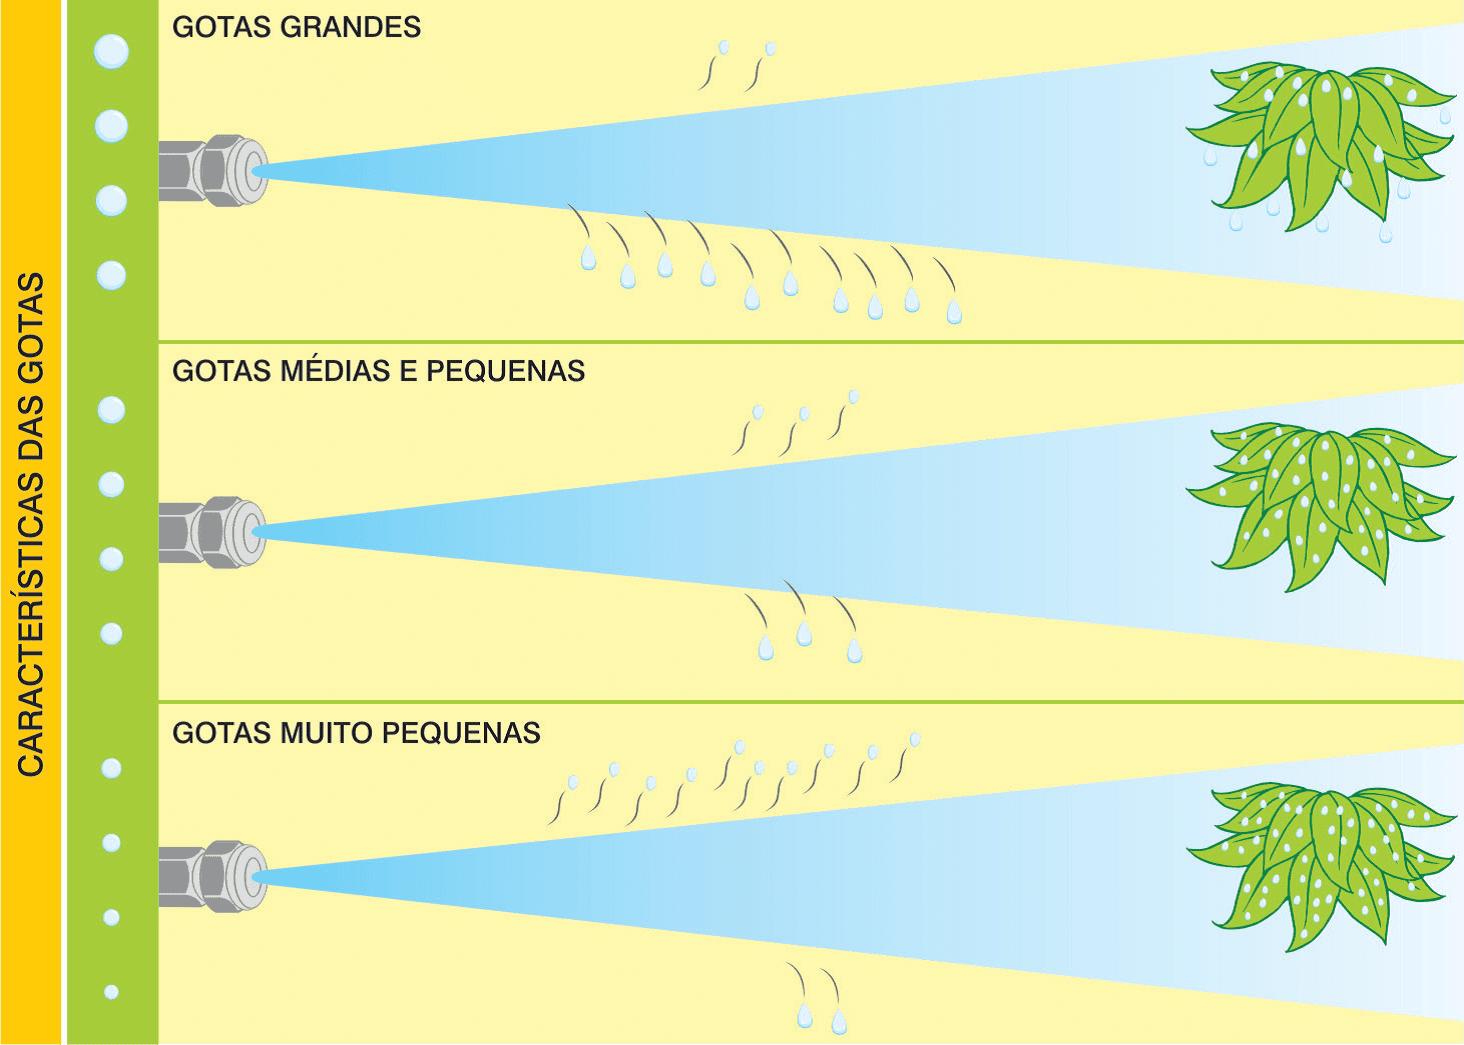 características-das-gotas-nas-aplicações de defensivos agrícolas